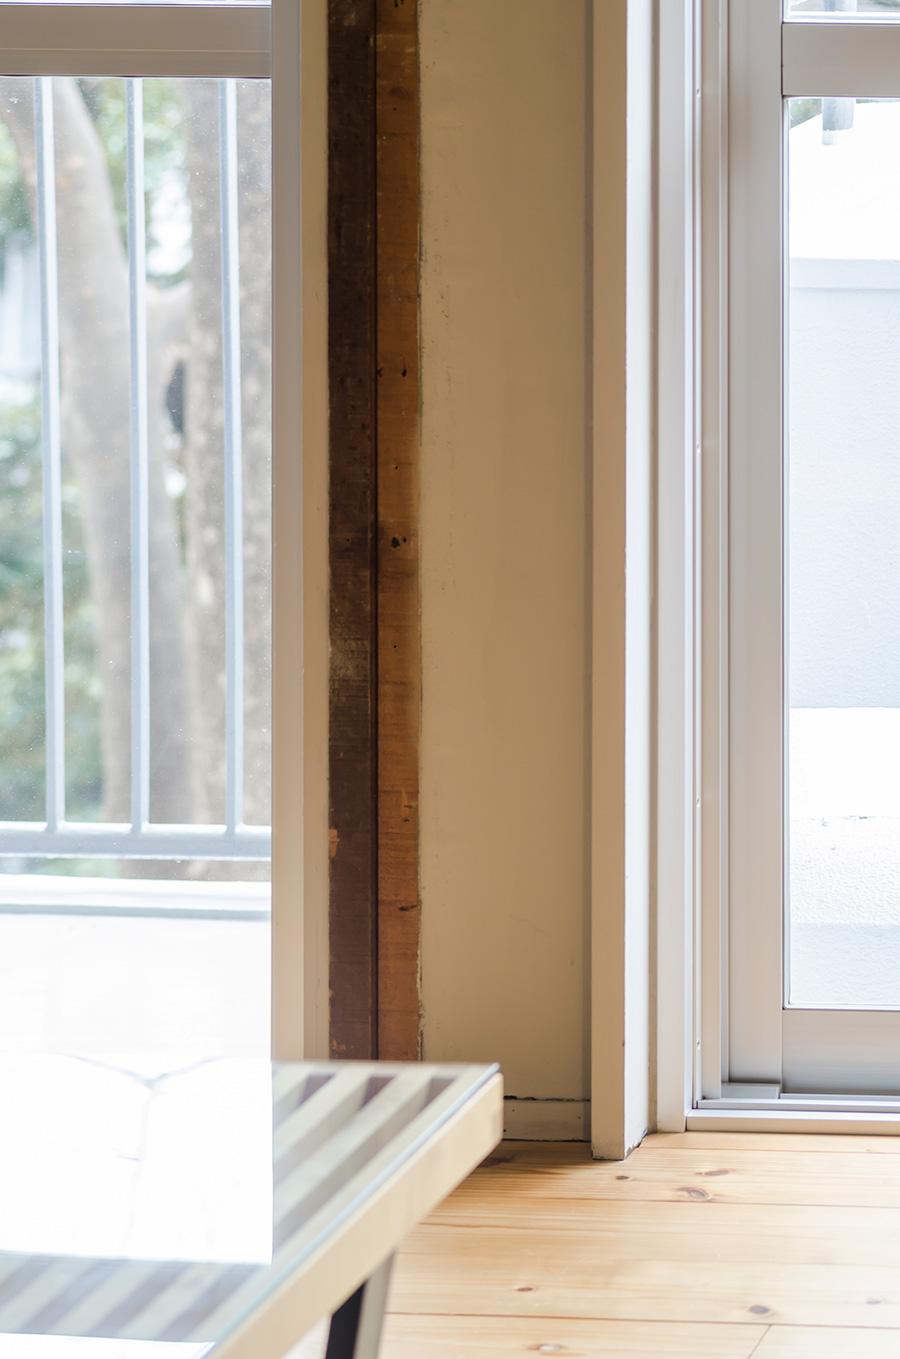 かつて部屋を仕切っていた木材の柱は、残してインテリアの一部に。